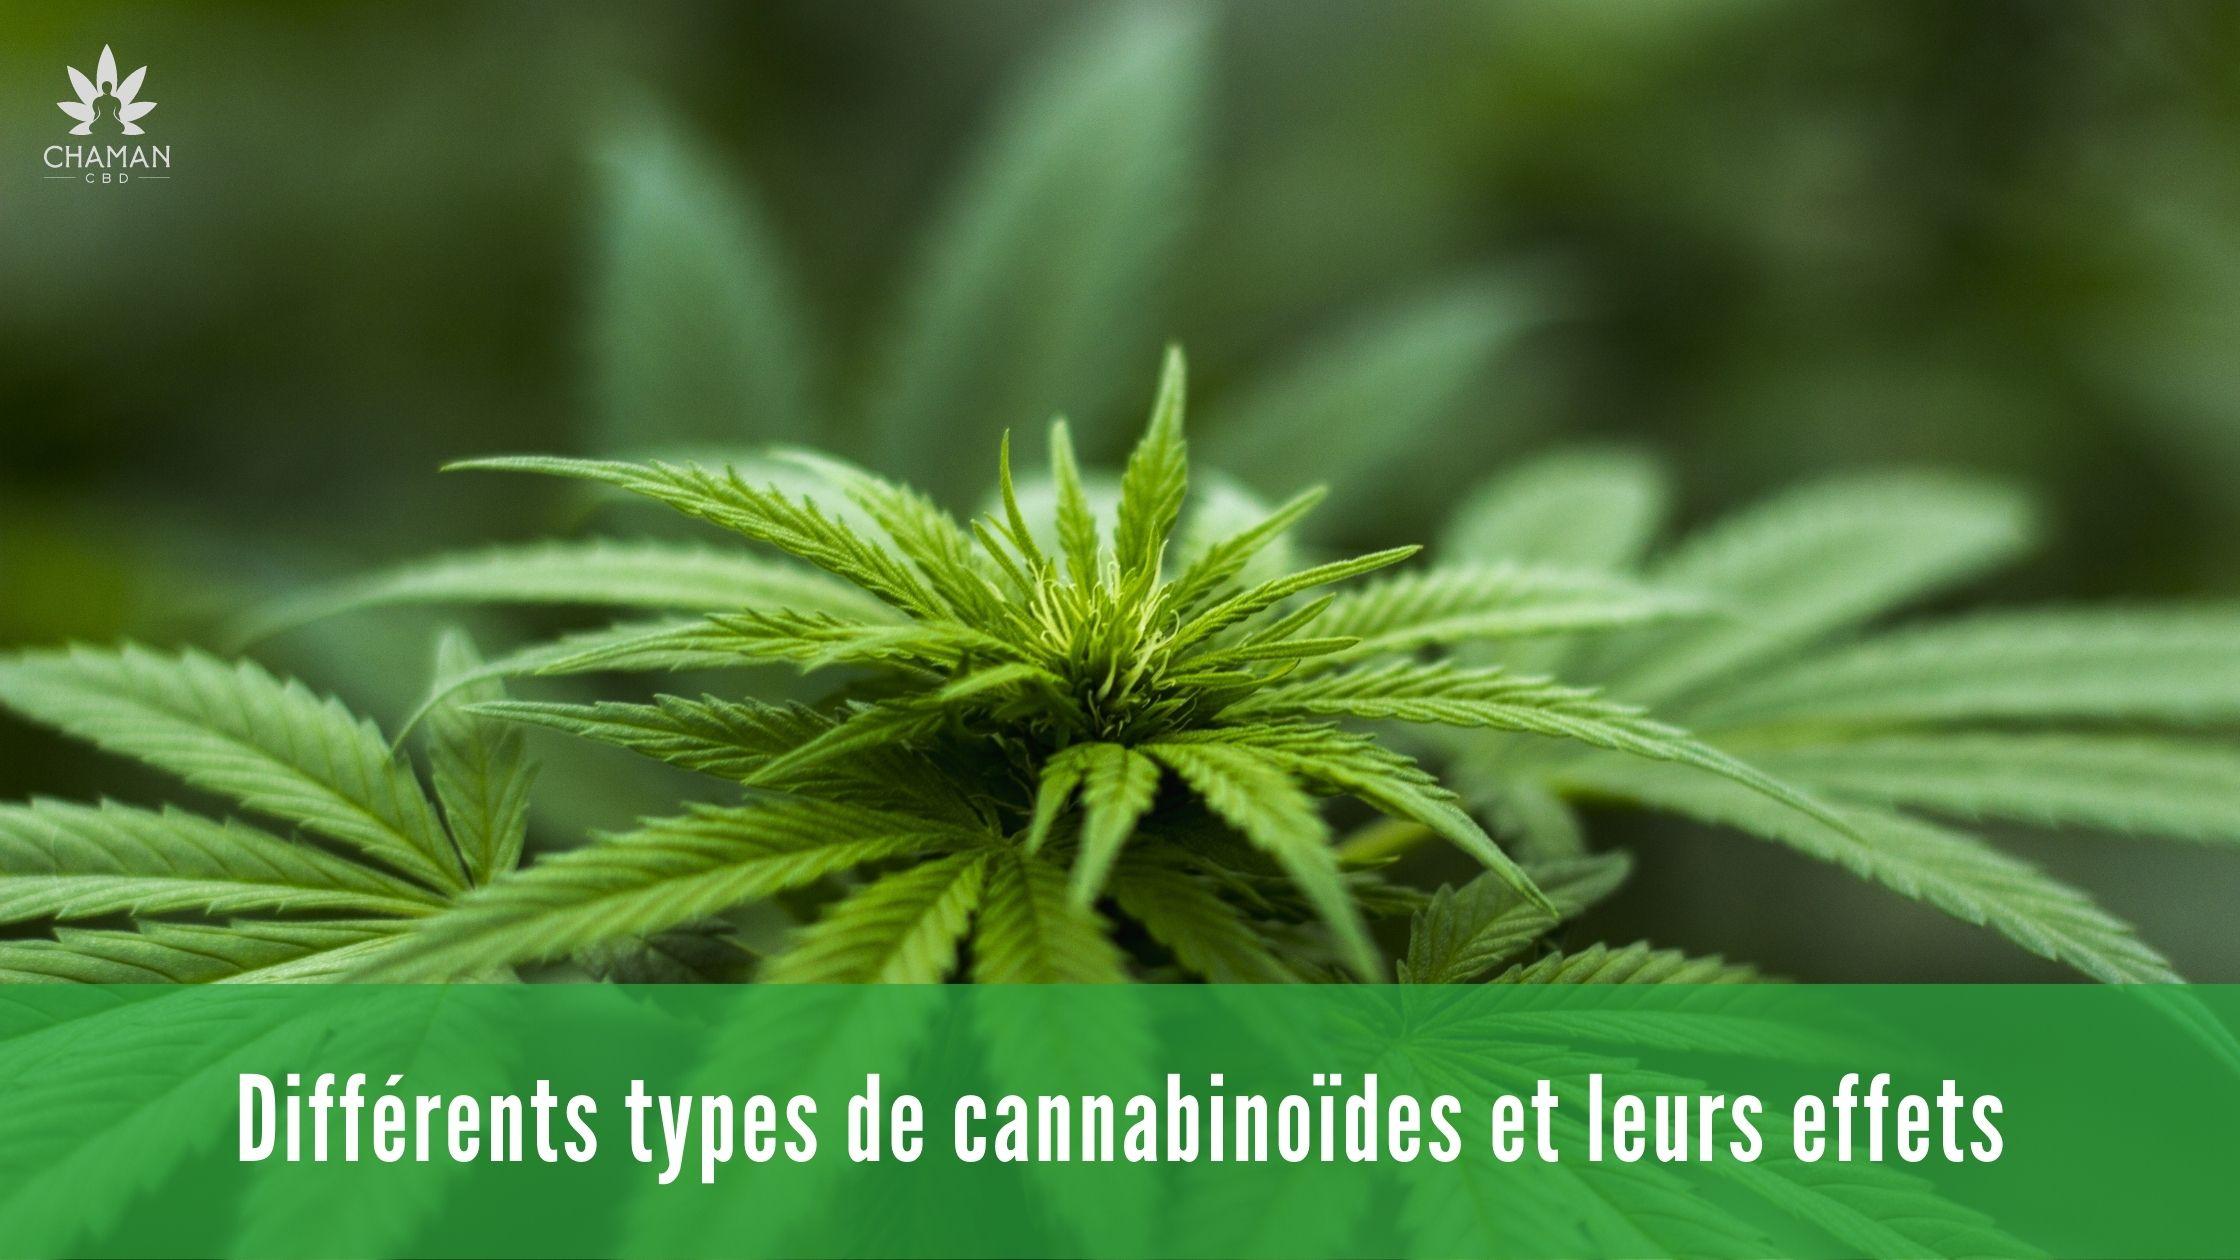 Differents types de cannabinoides et leurs effets